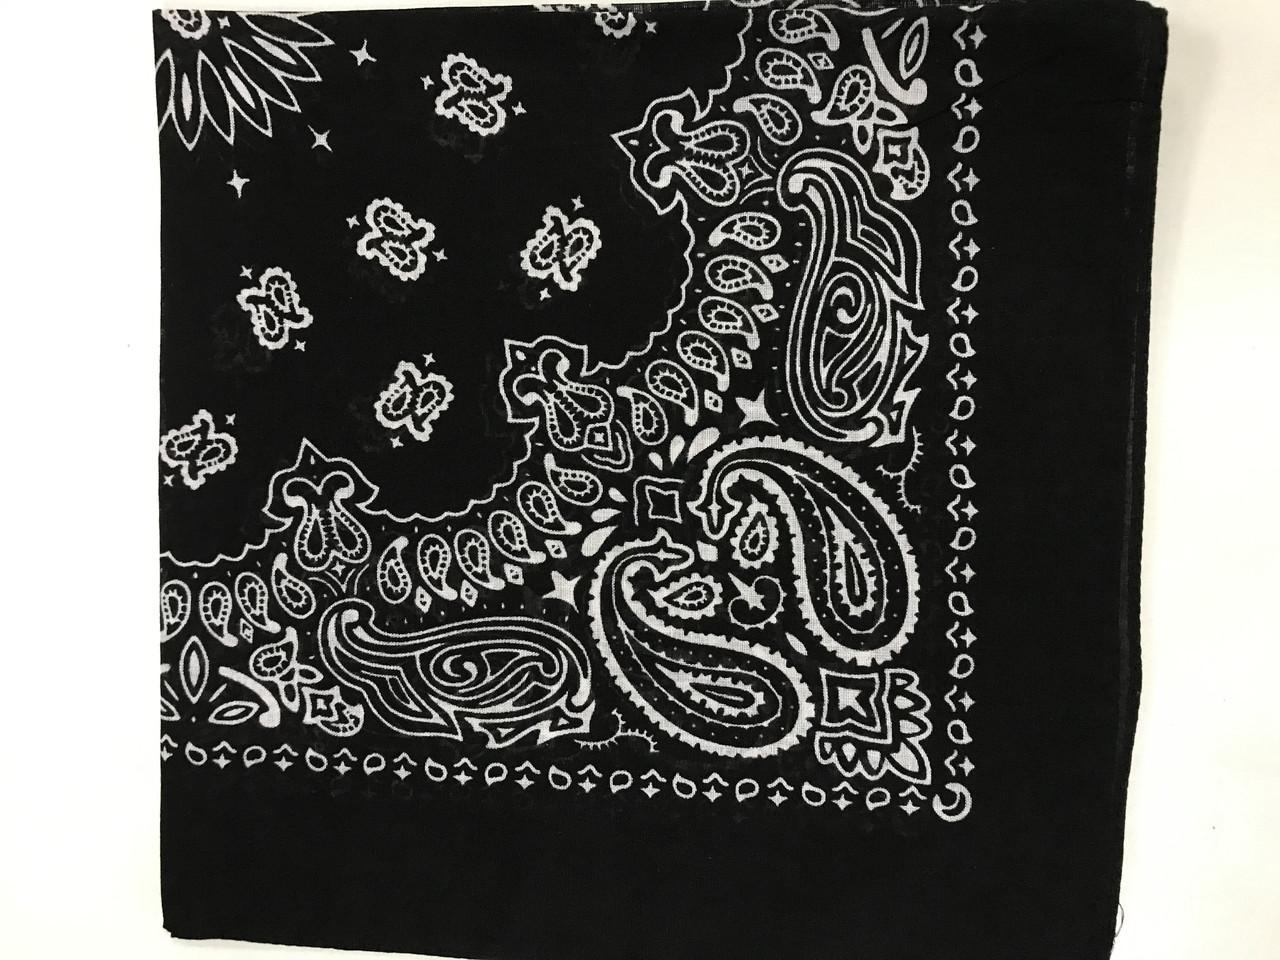 Летняя хлопковая чёрная бандана - платок с рисунком